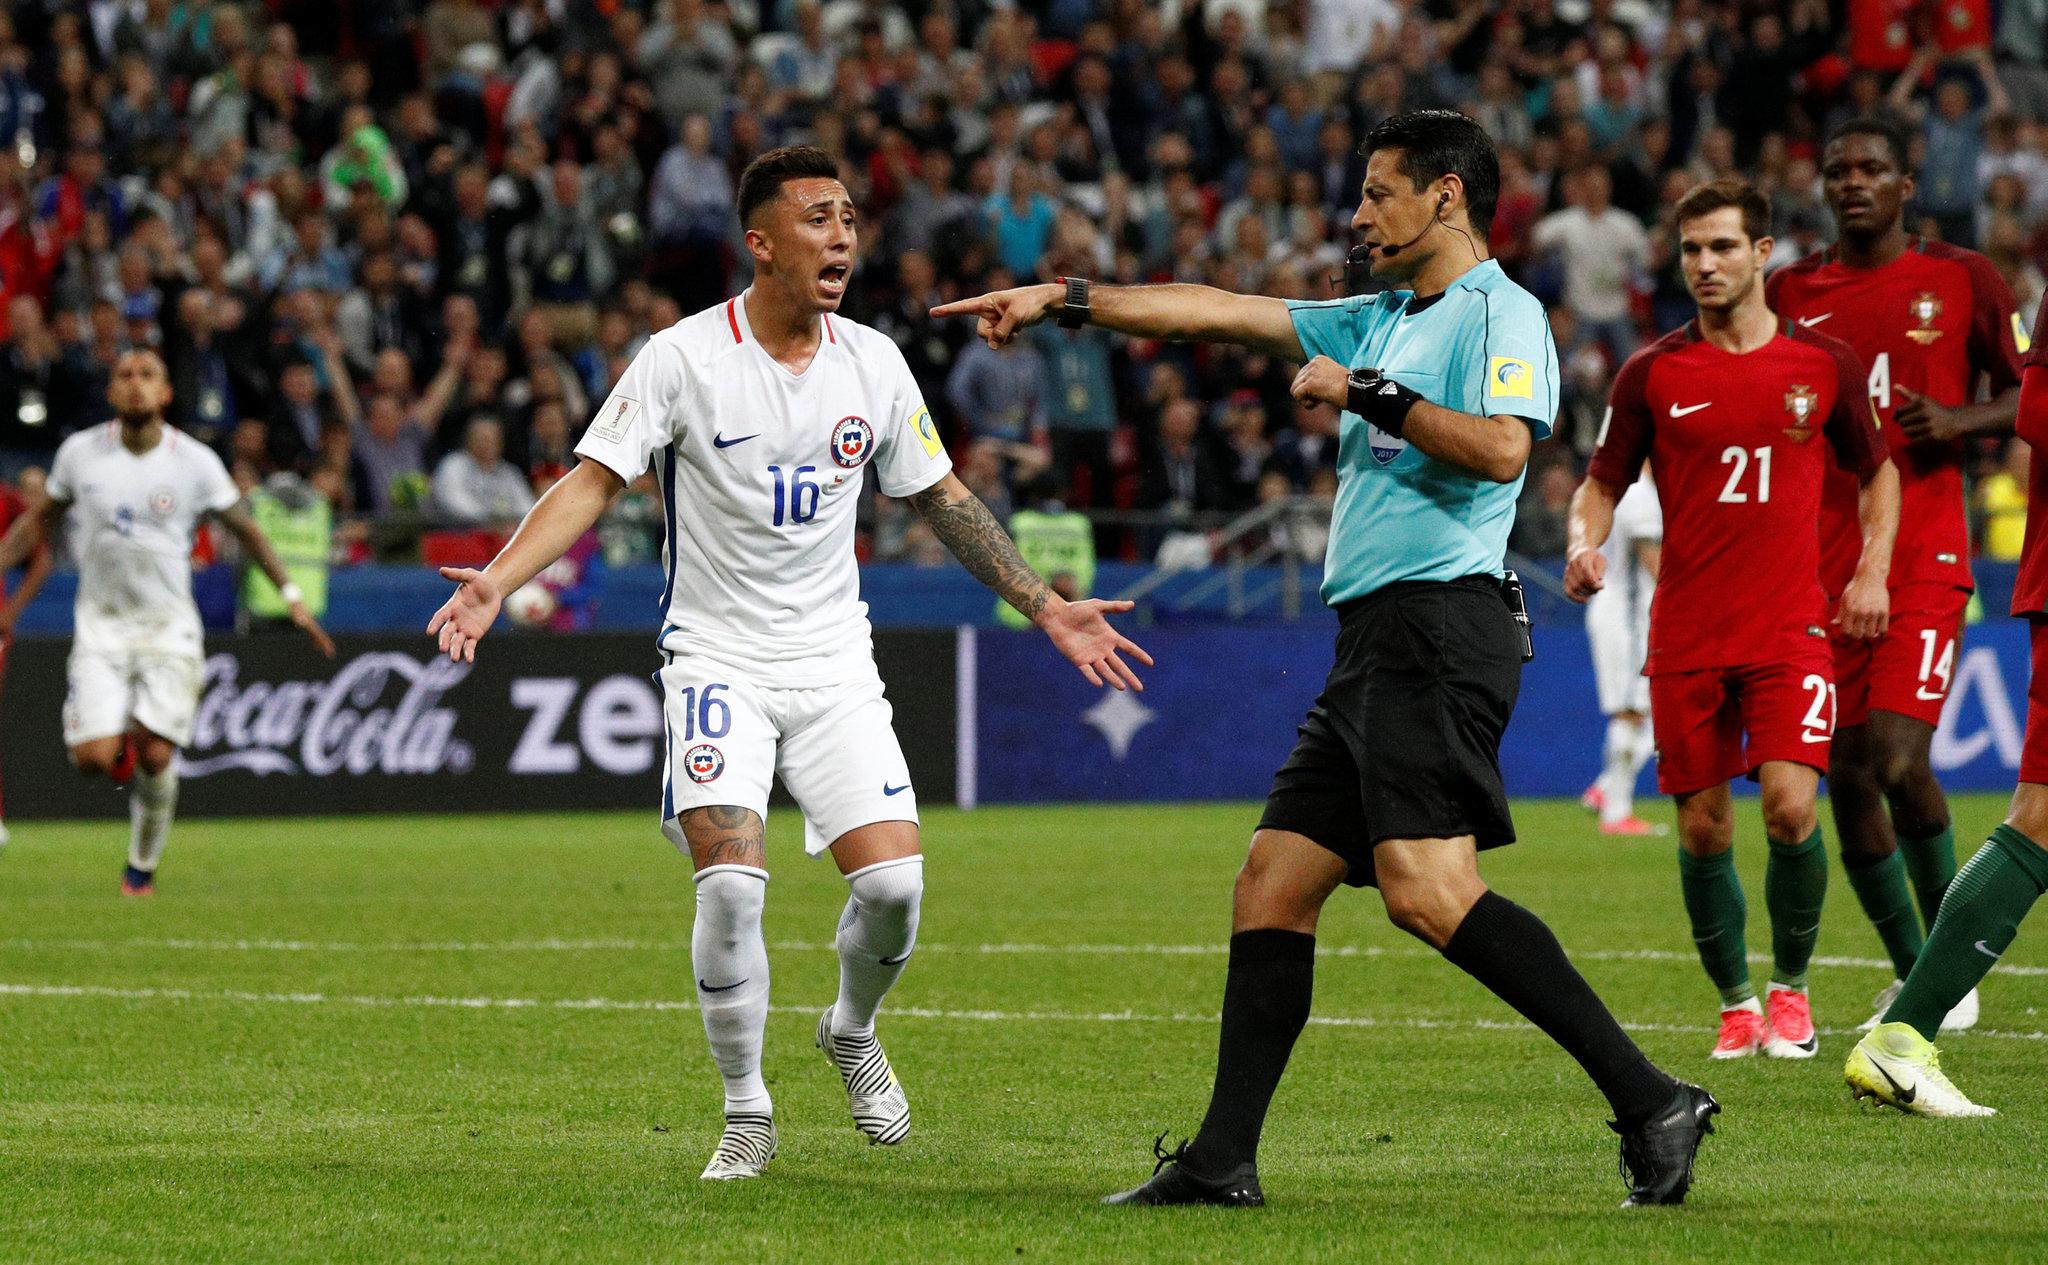 El árbitro no marca penal a favor de Chile ante Portugal.